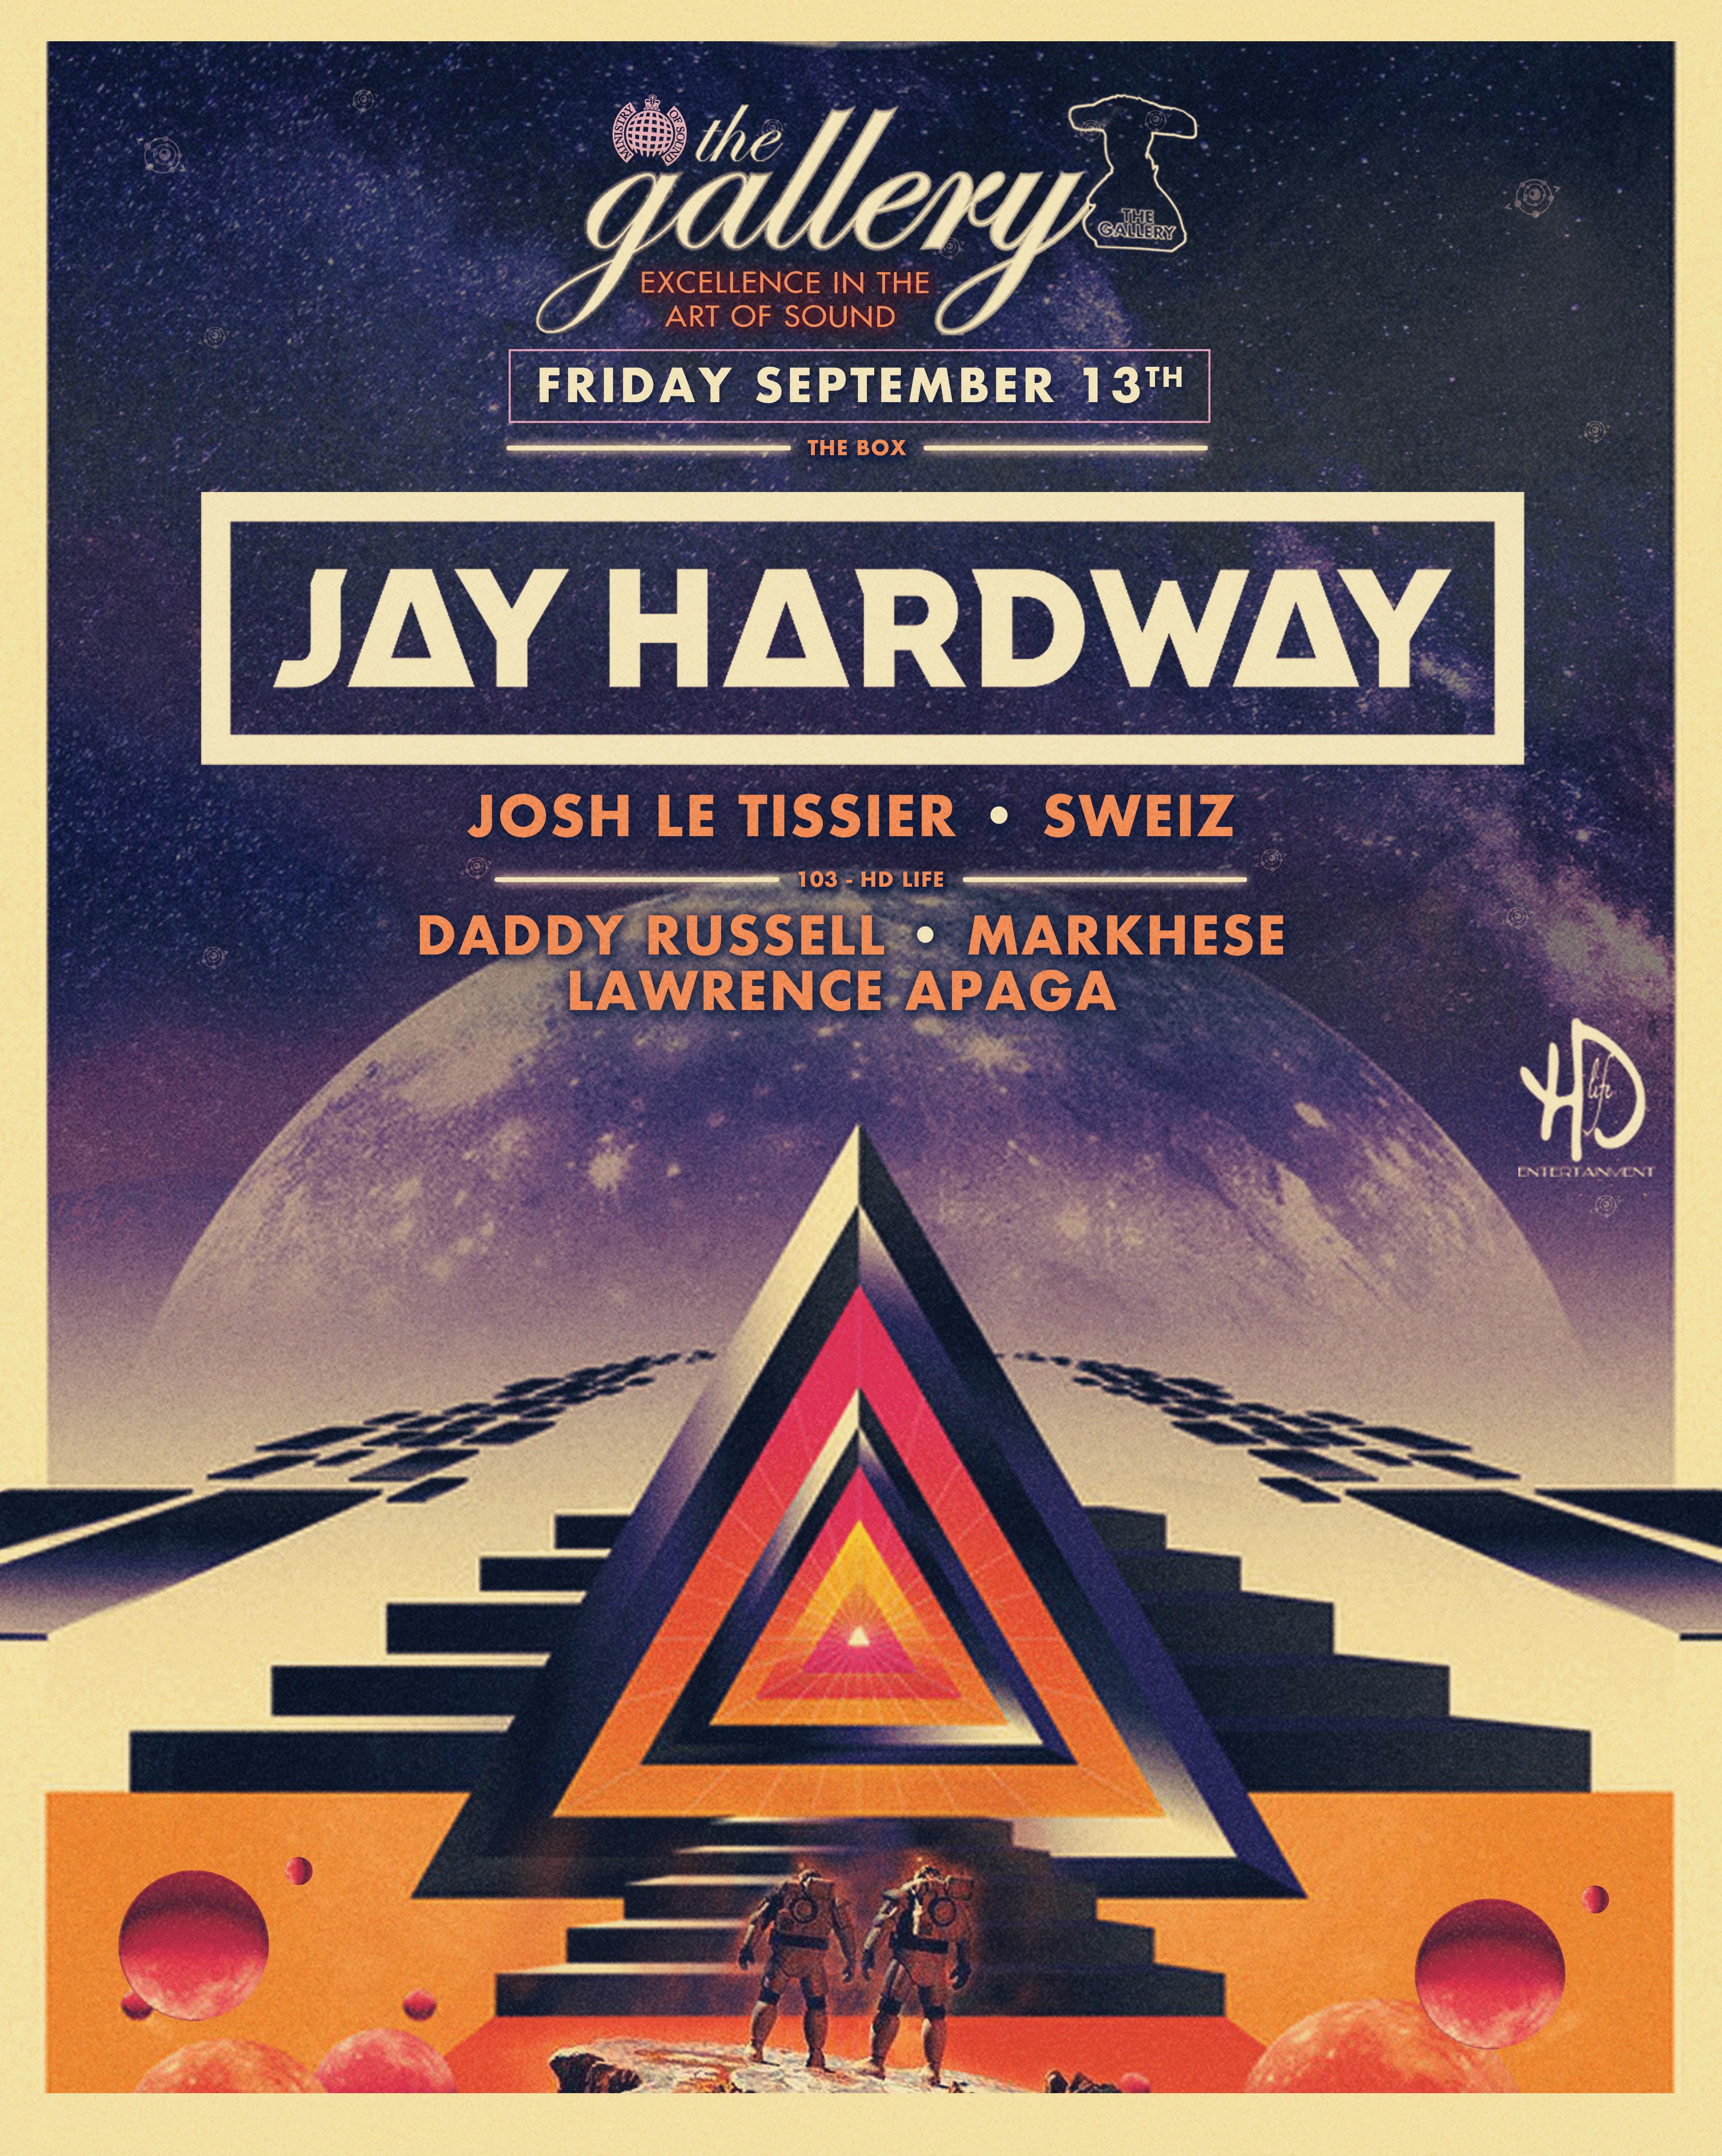 Jay Hardway